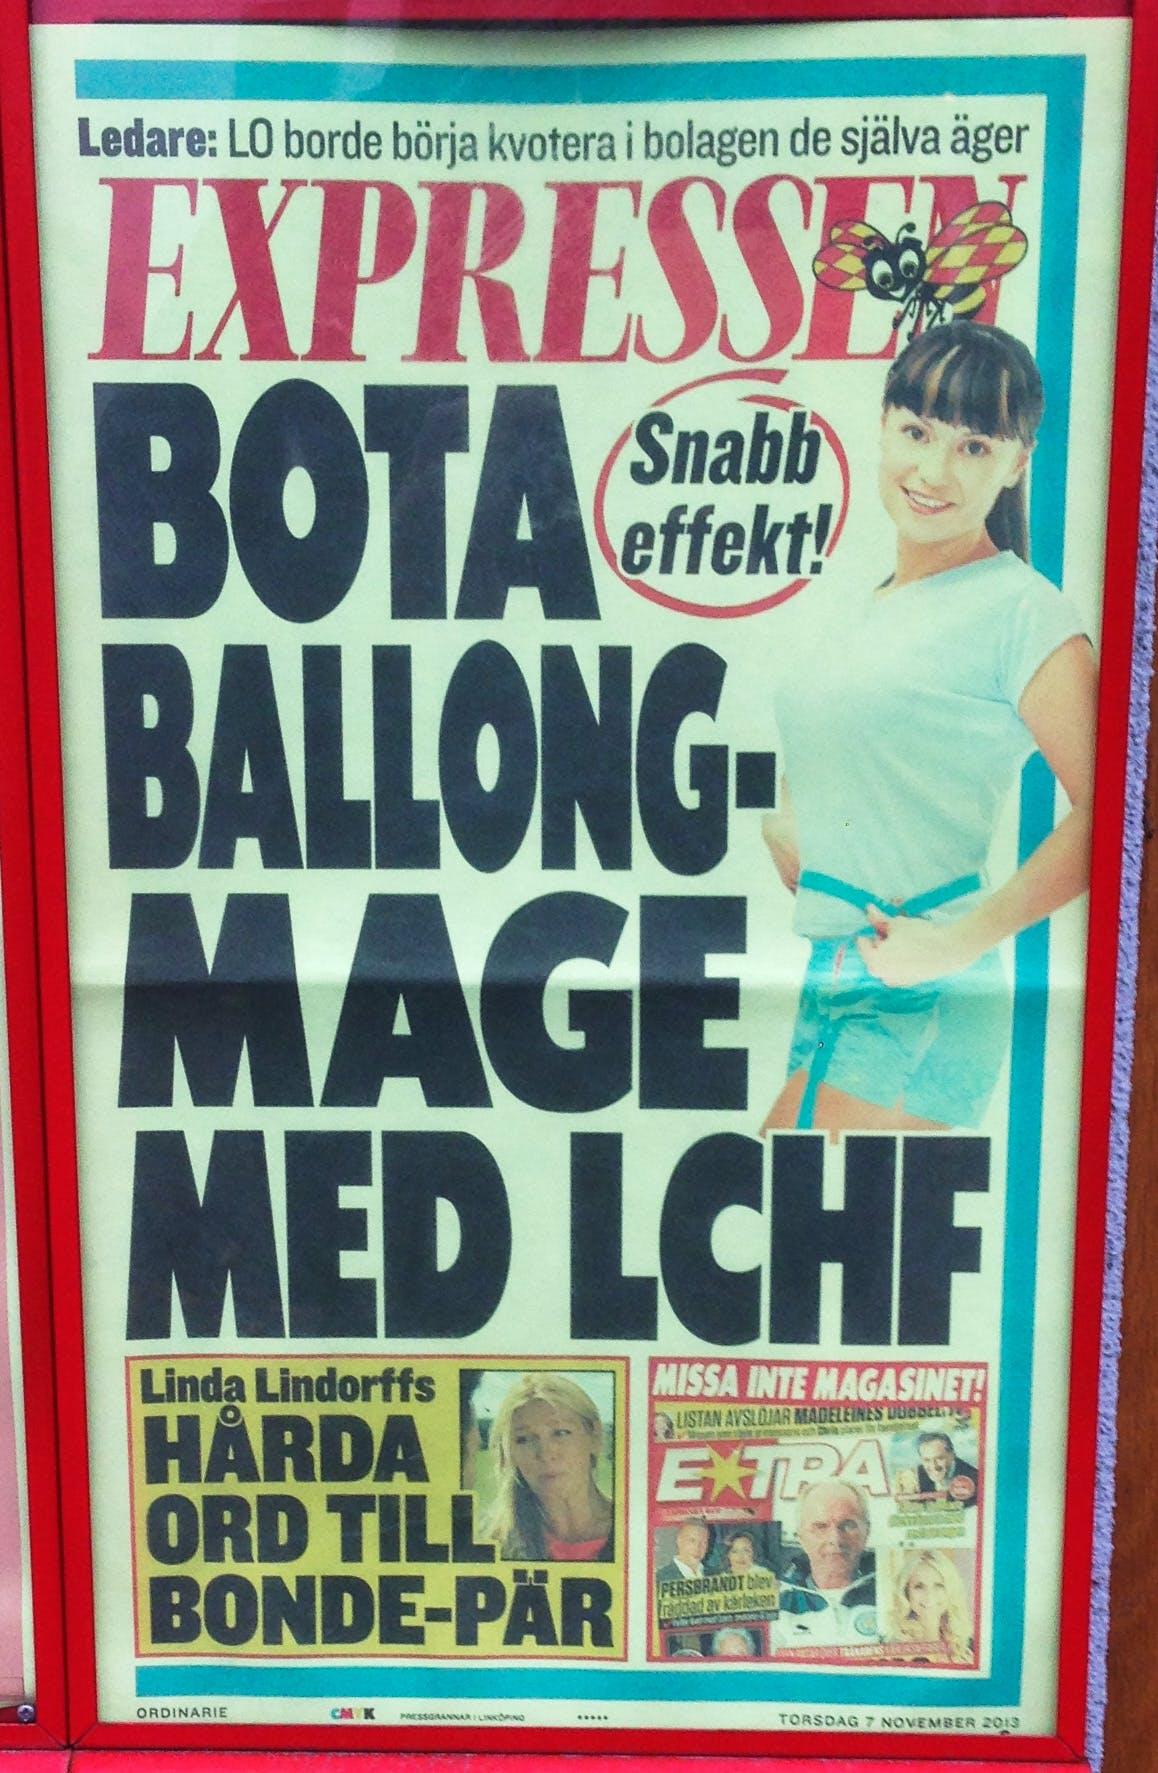 Ballongmage